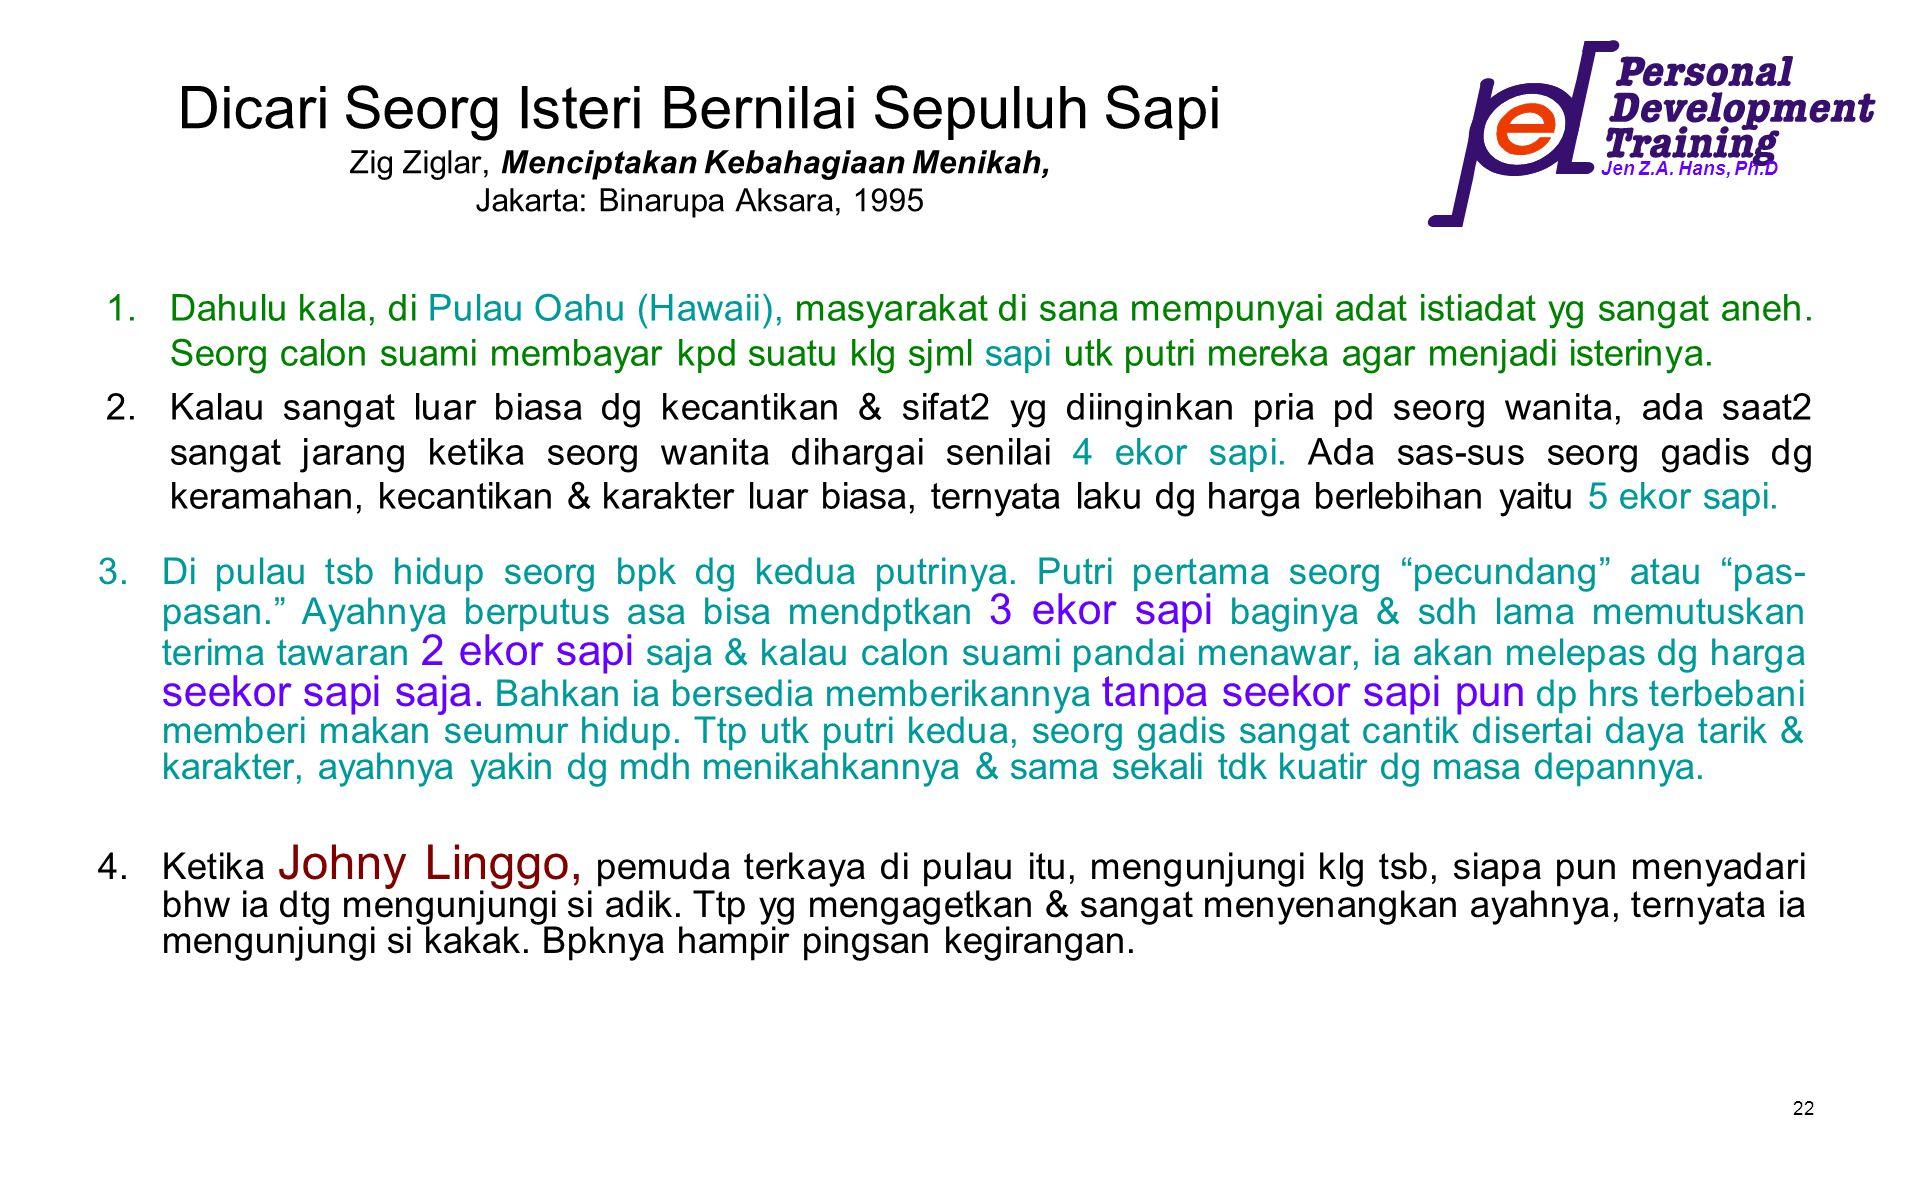 Jen Z.A. Hans, Ph.D 22 Dicari Seorg Isteri Bernilai Sepuluh Sapi Zig Ziglar, Menciptakan Kebahagiaan Menikah, Jakarta: Binarupa Aksara, 1995 1.Dahulu